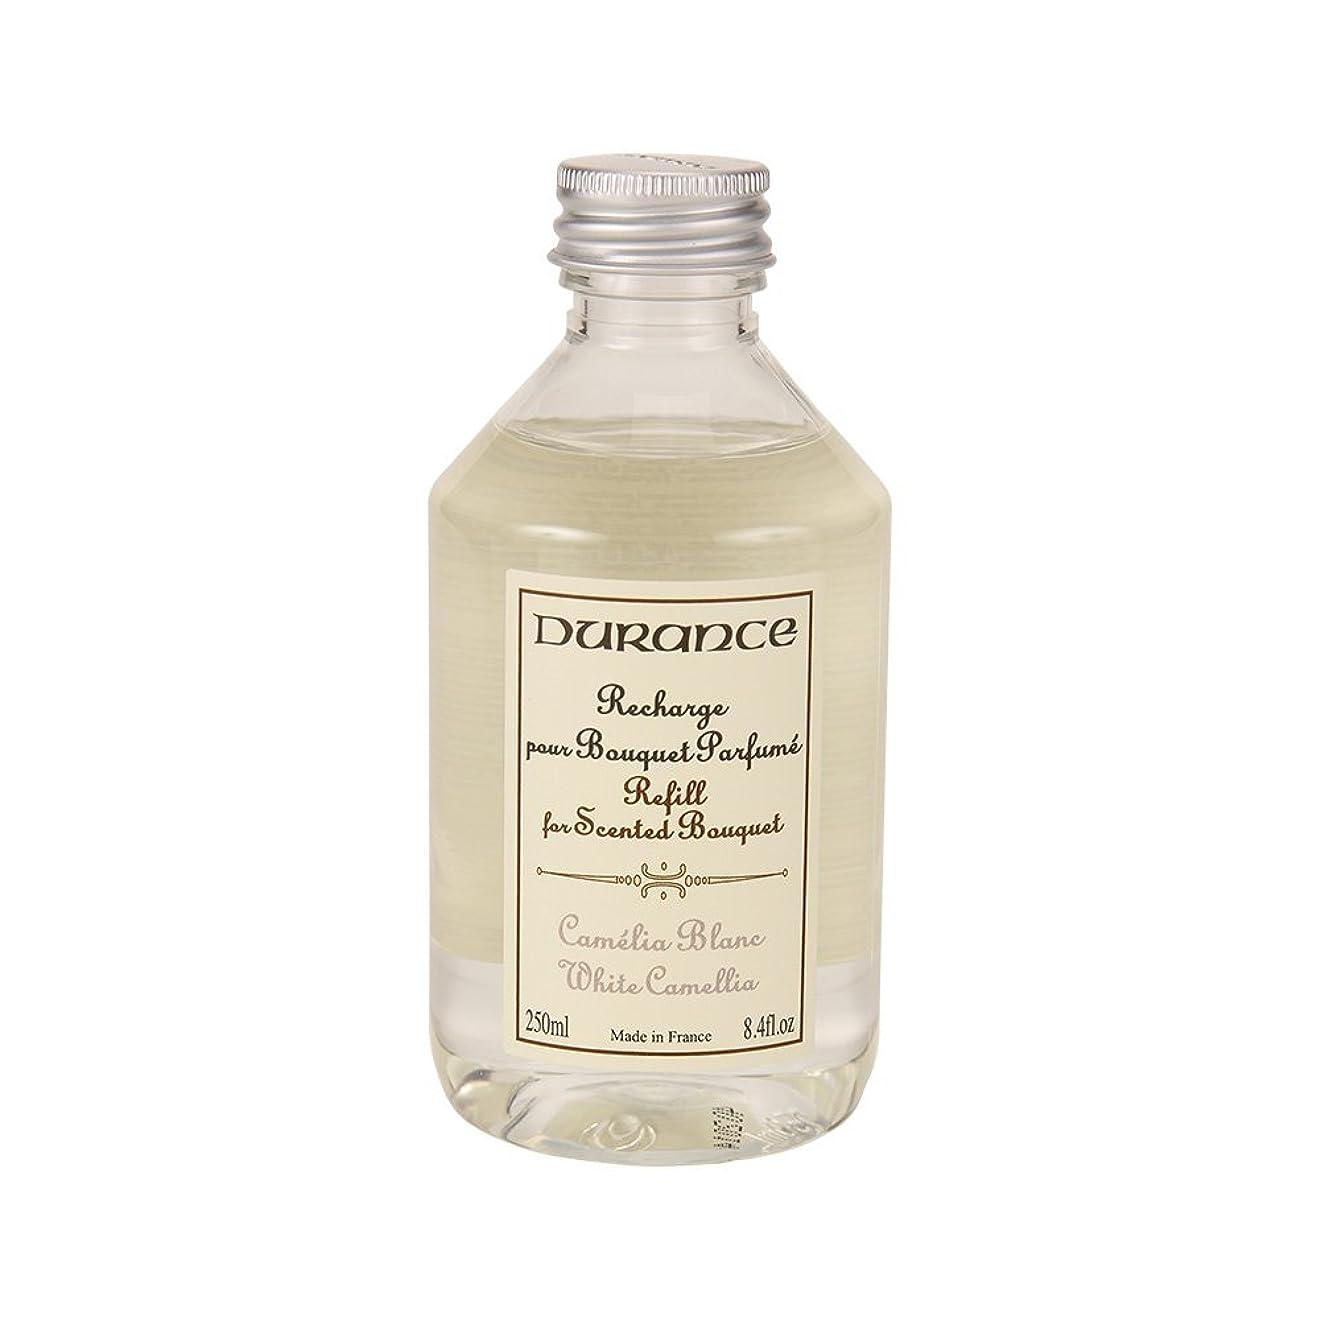 ソファー育成サンダーDurance [ デュランス ] Refill for scented bouquet リフィルオイルWhite Camellia ホワイト カメリア 45513 アロマオイル 防ダニ フレグランス ブーケ [並行輸入品]